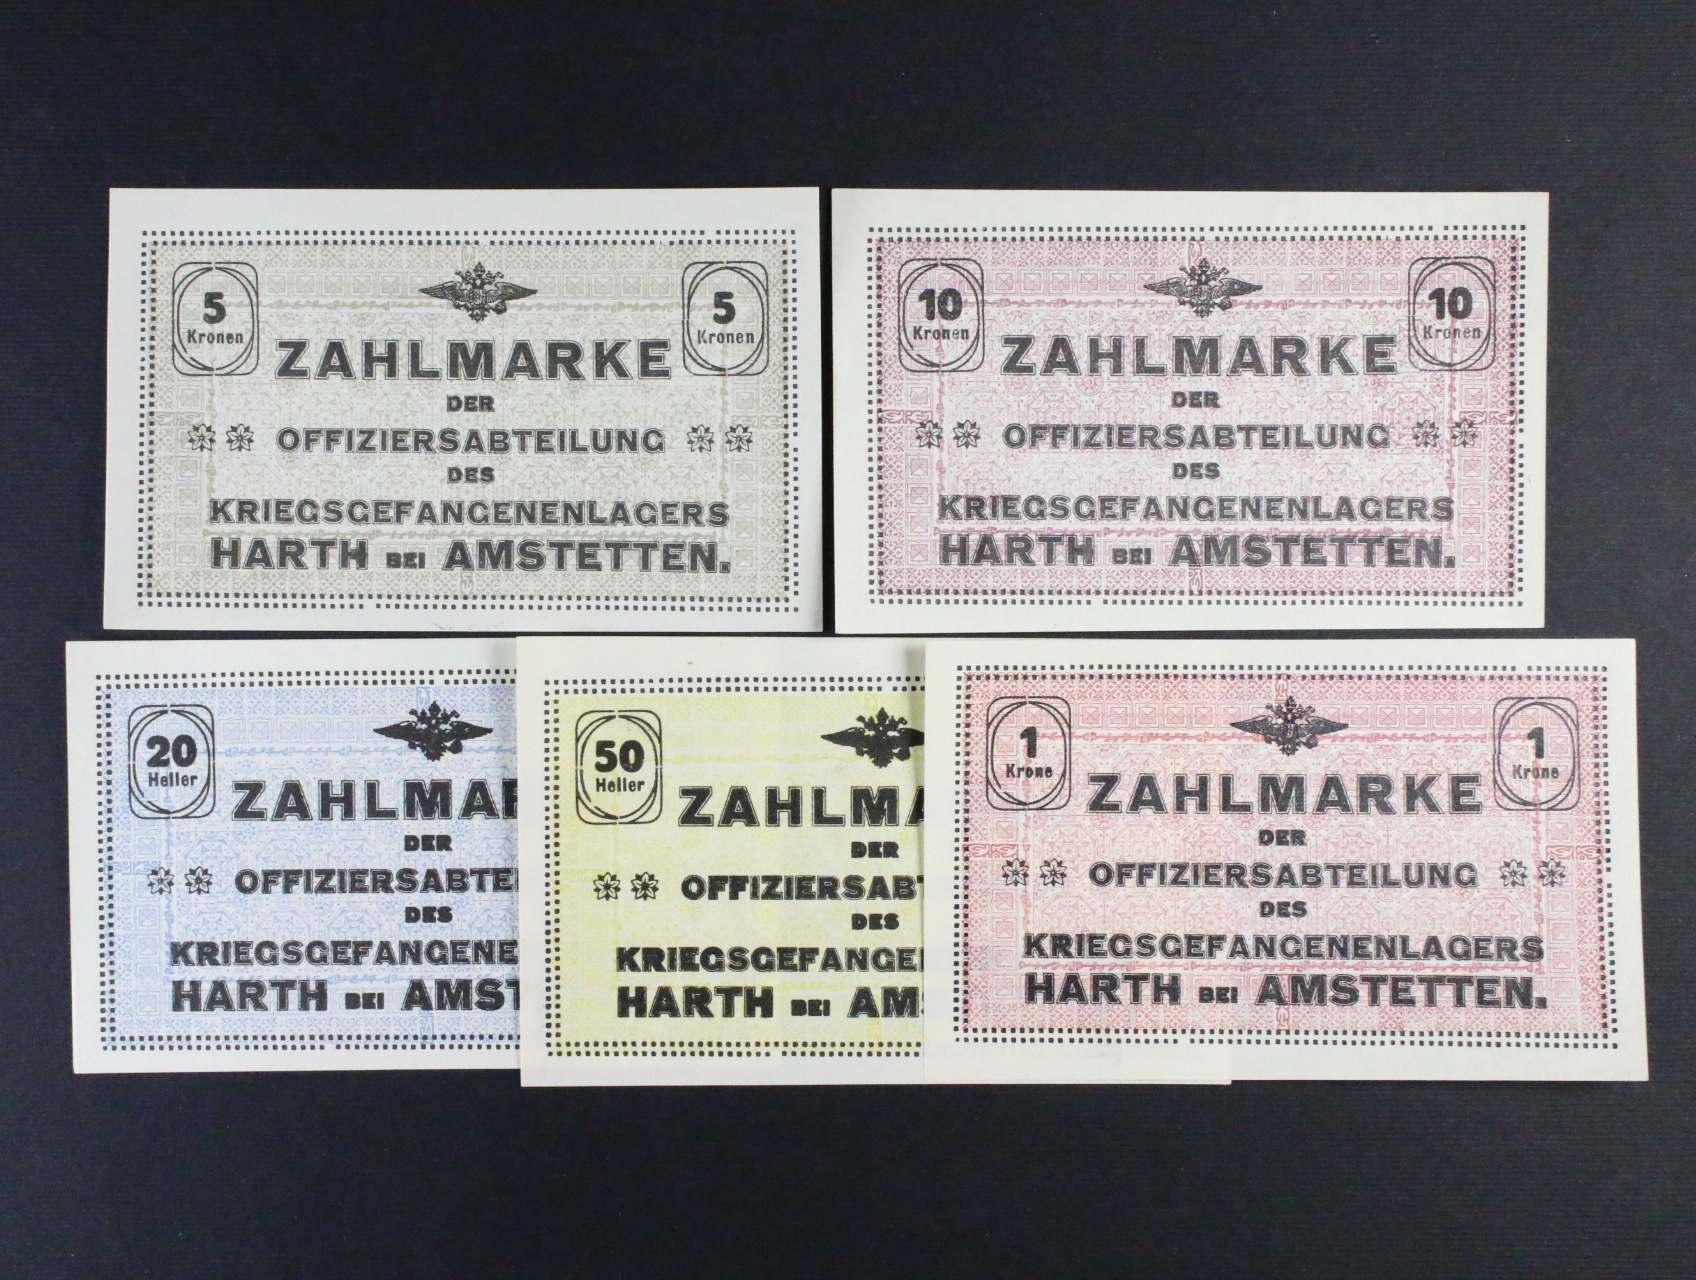 Hart bei Amstetten (Rakousko), 20, 50 h, 1, 5, 10 K b.d., Ri. 22 I.a, b, c, d, e, 5 ks